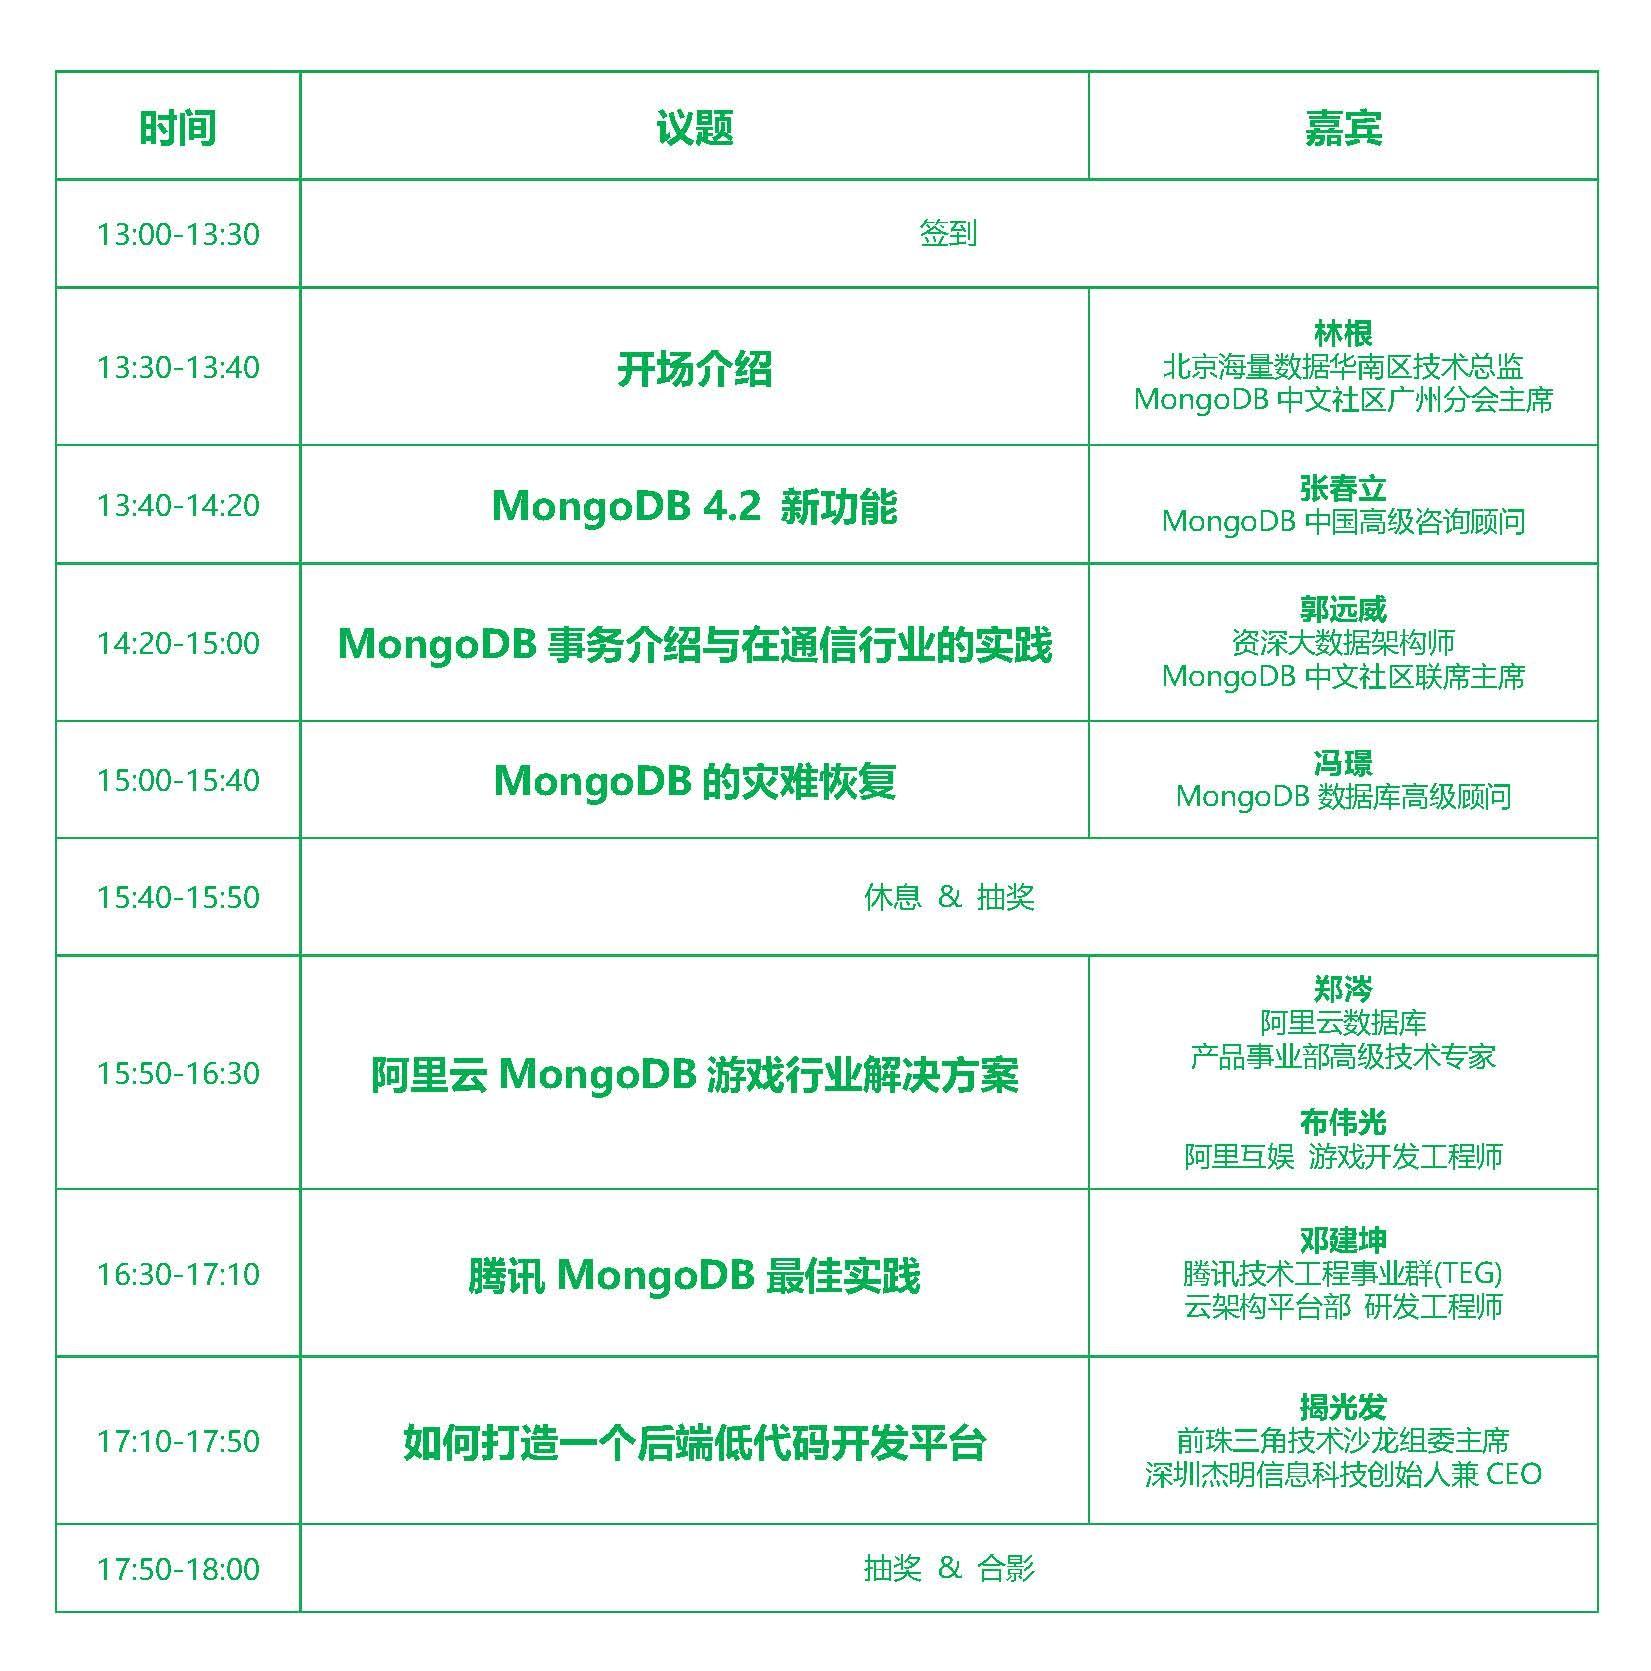 广州活动议程表